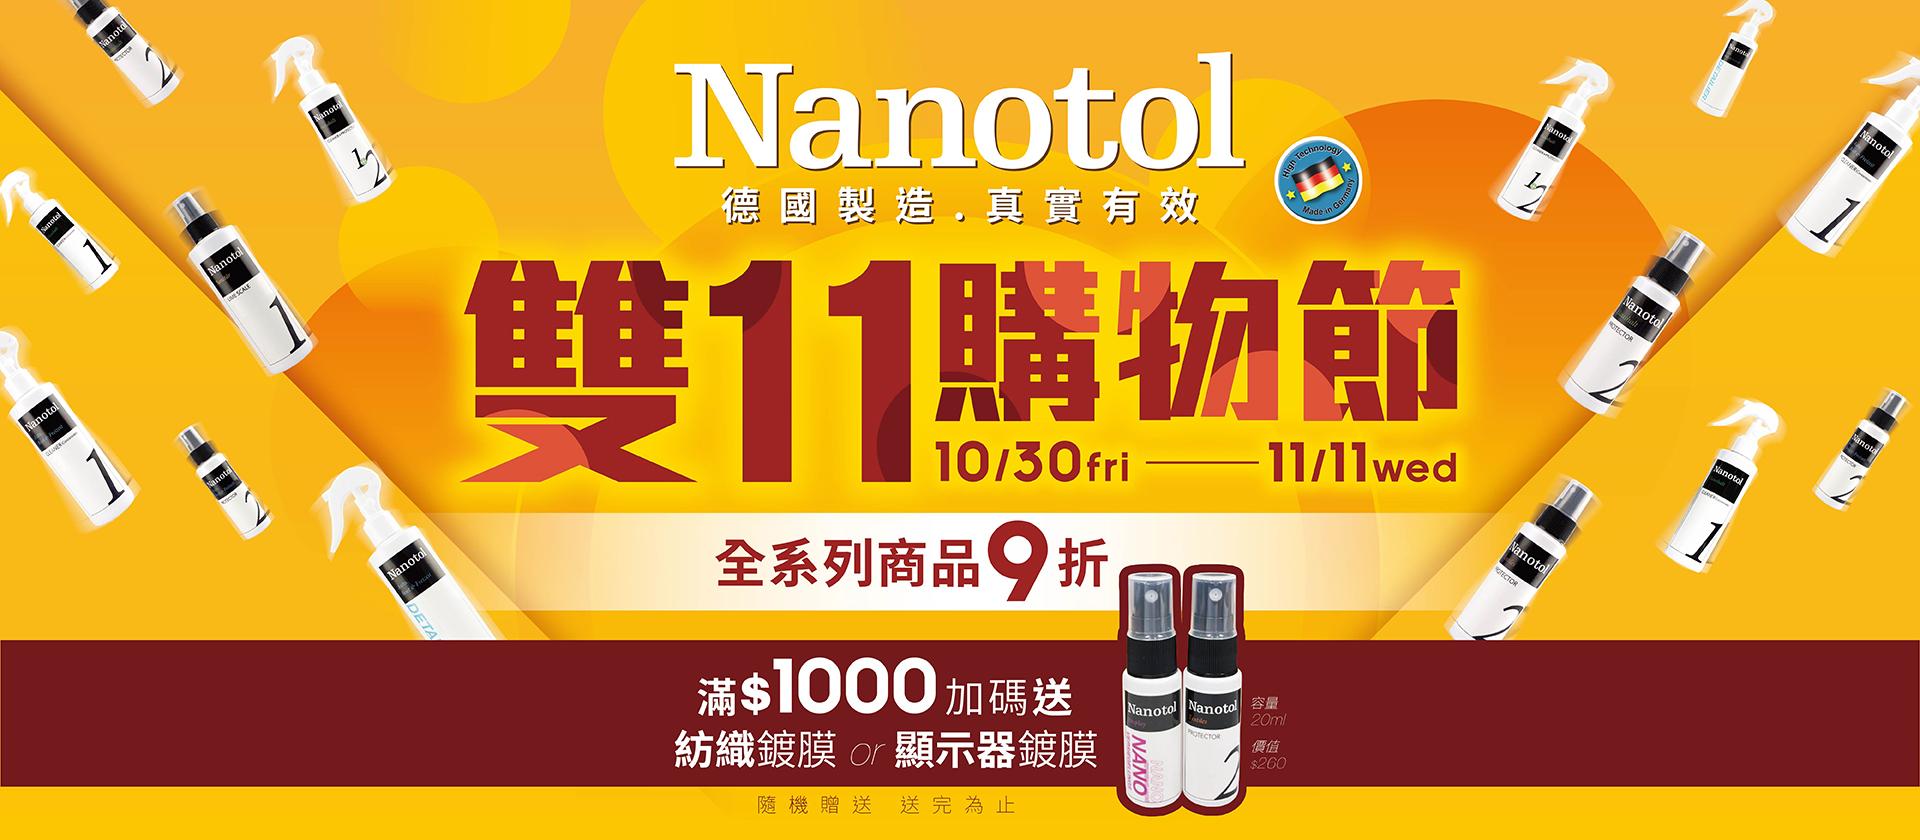 德國NANOTOL雙十一購物節 全系列商品9折 滿千送好禮